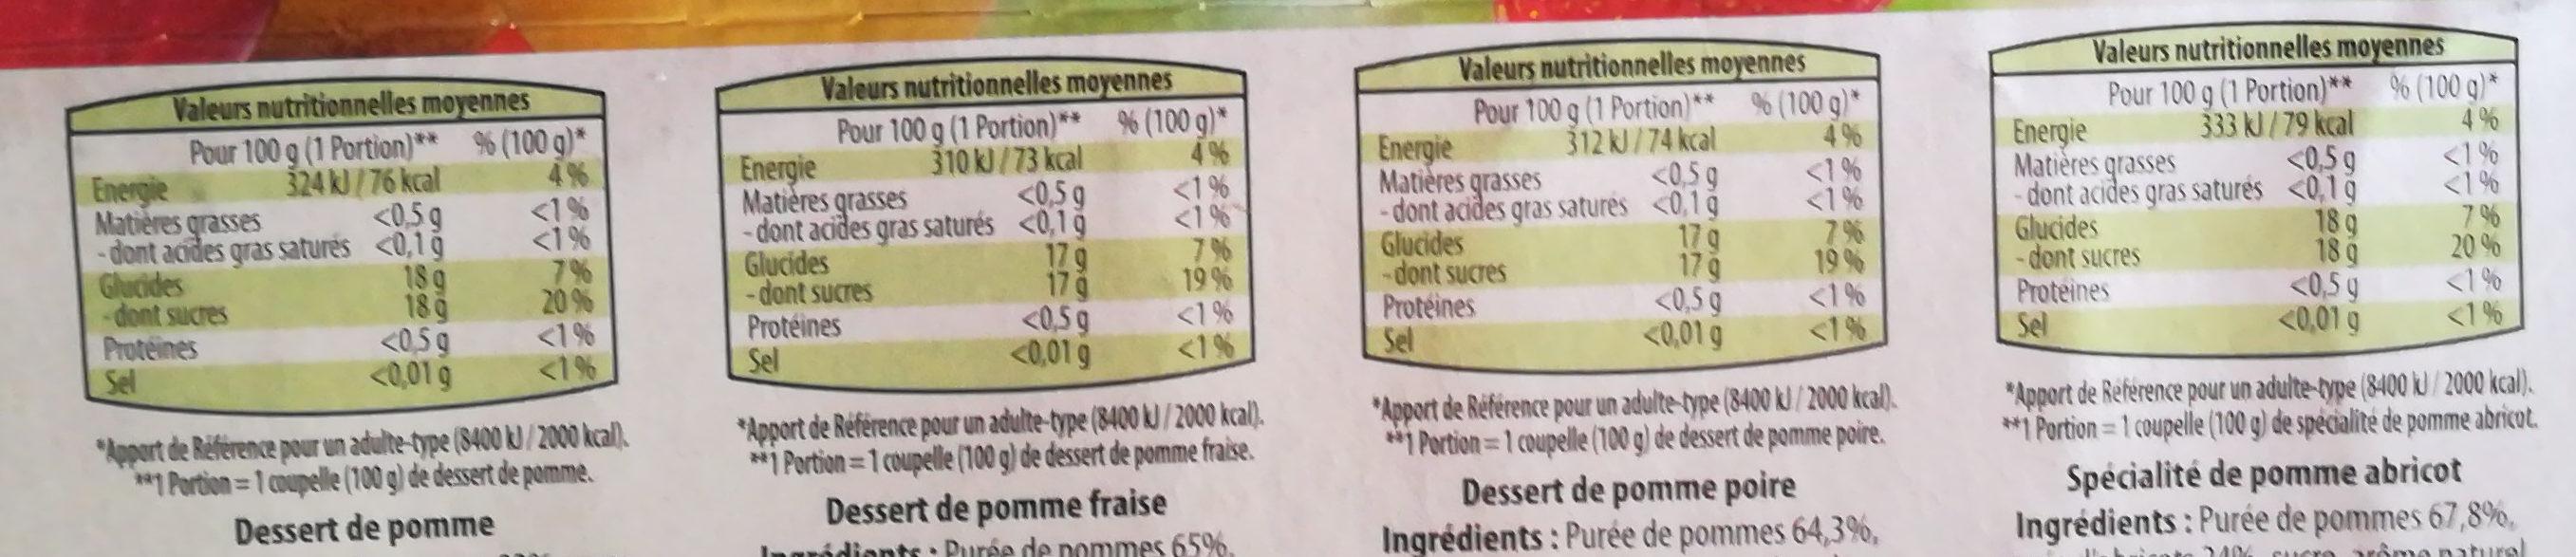 Desserts Et Spécialité De Fruits - Informations nutritionnelles - fr